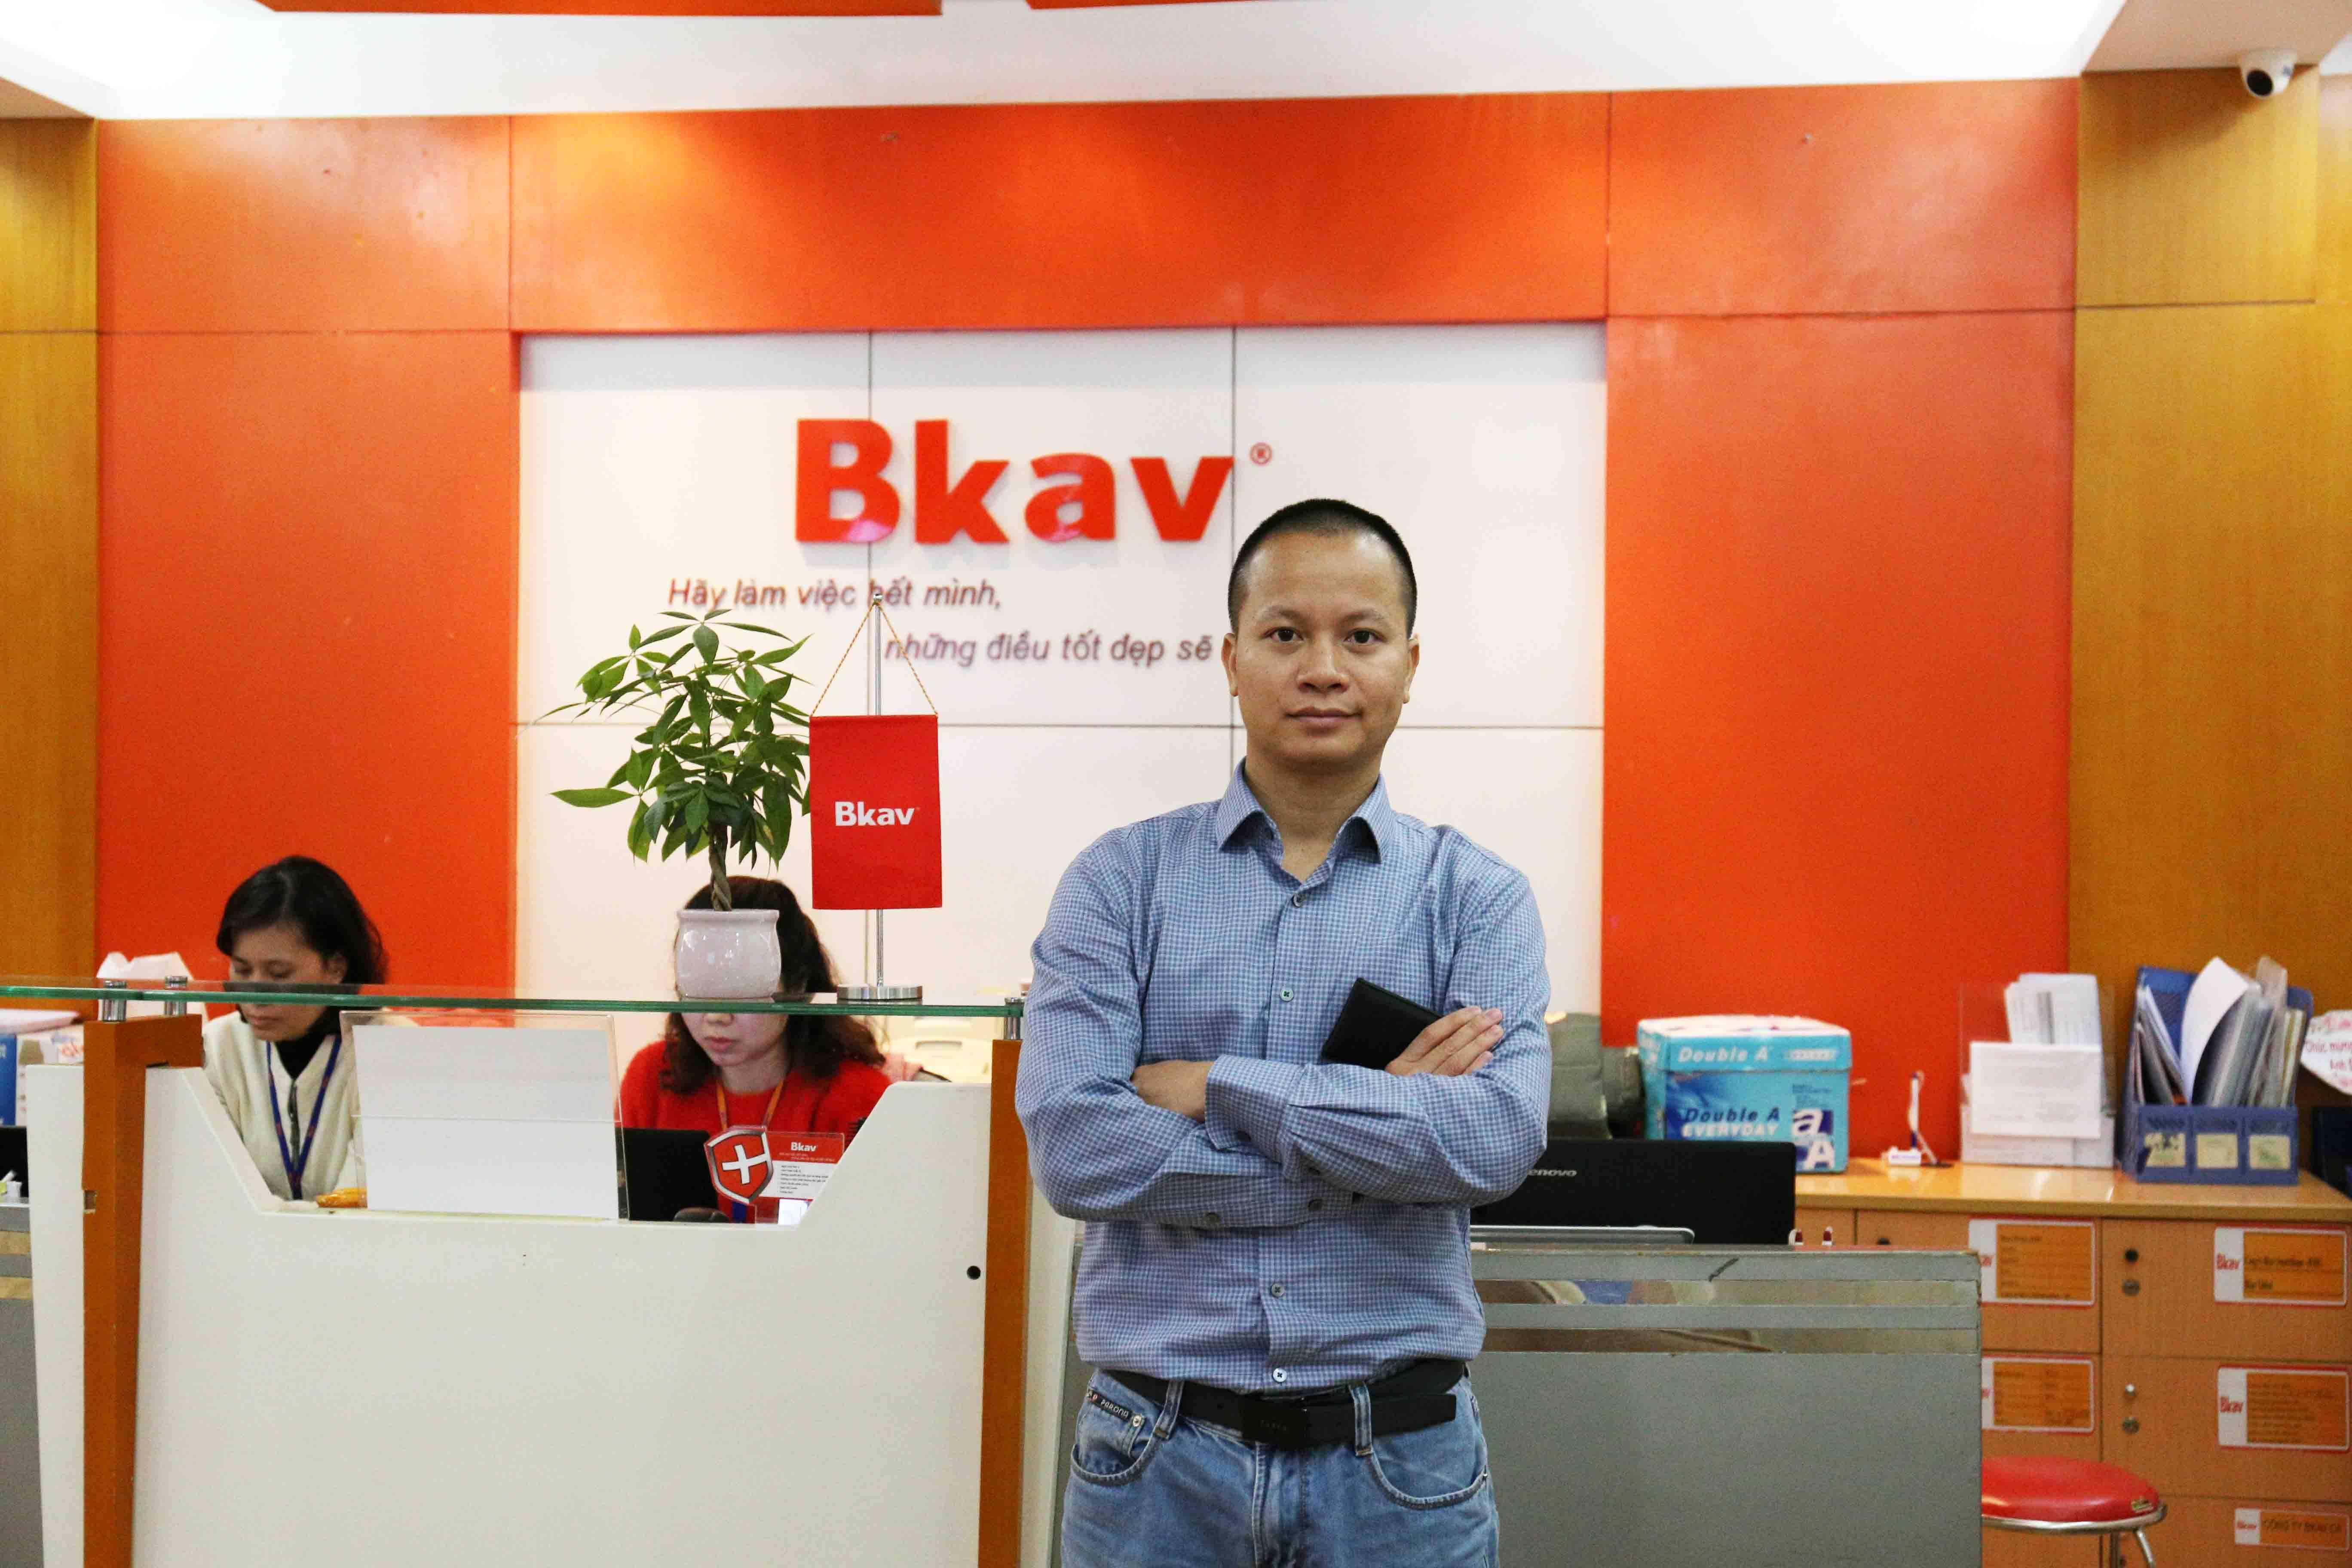 Ông Lê Quang Hiệp – Tổng giám đốc BKAV Global. Ảnh: Ngọc Vũ